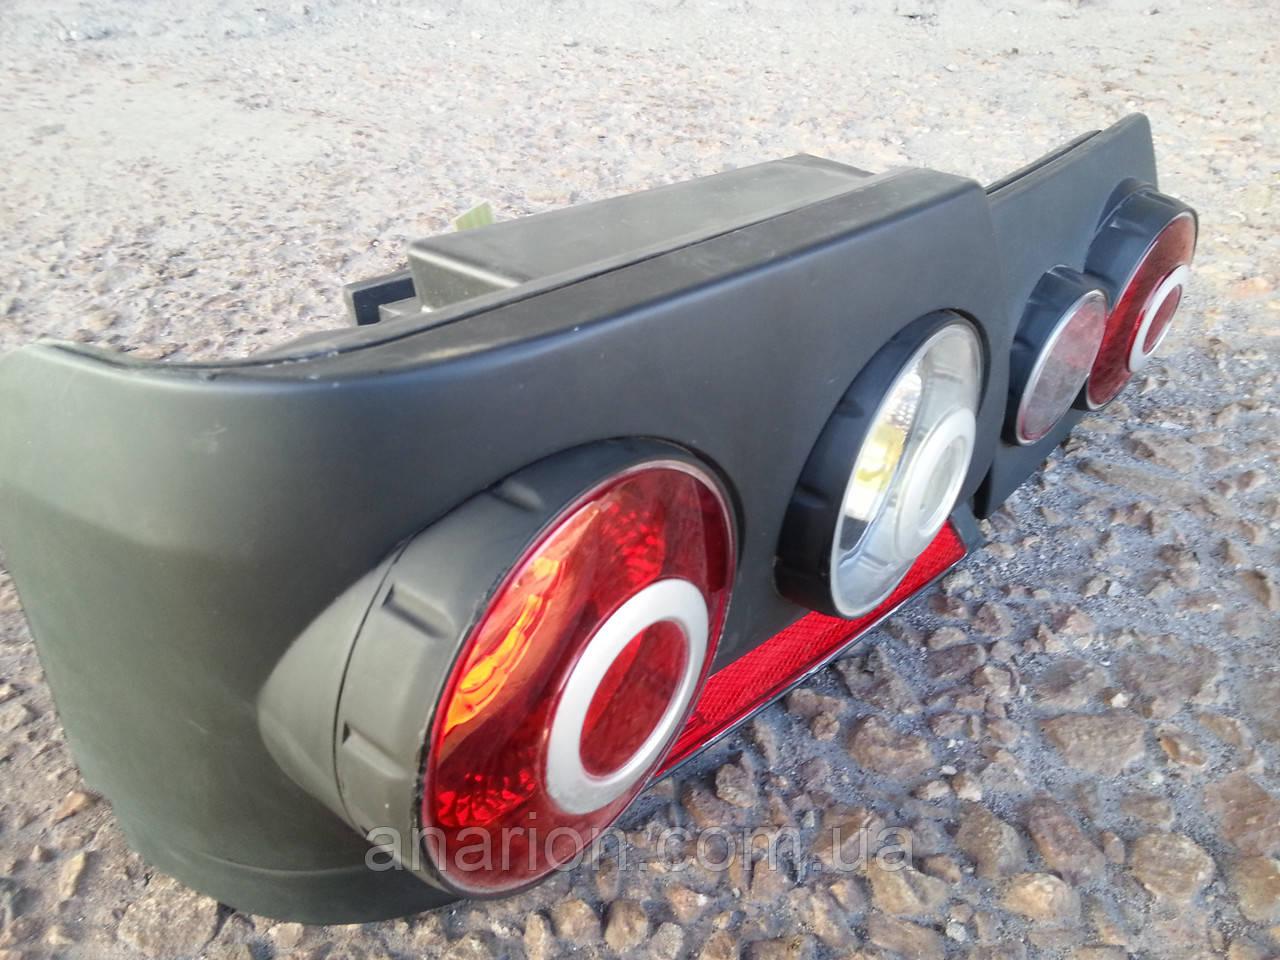 Задние модульные фонари на ВАЗ 2115 (черные 3D)